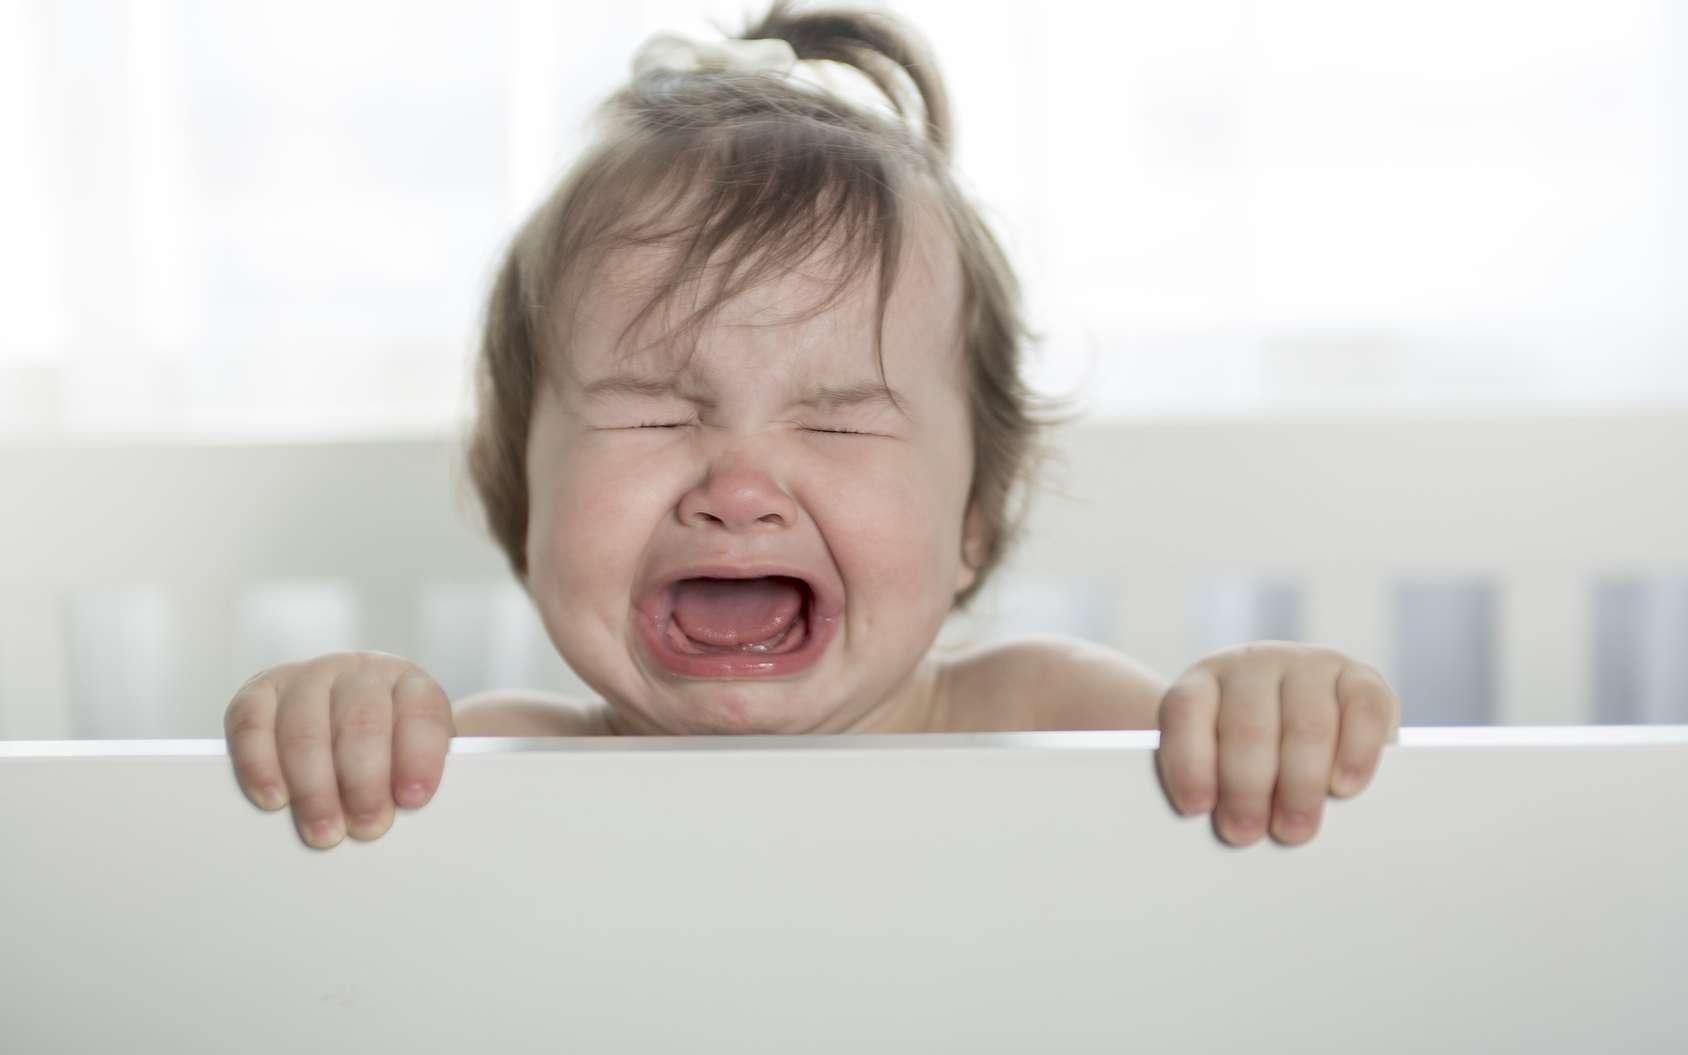 Les pleurs d'un bébé ne sont pas toujours faciles à décoder. © Pololia, Fotolia